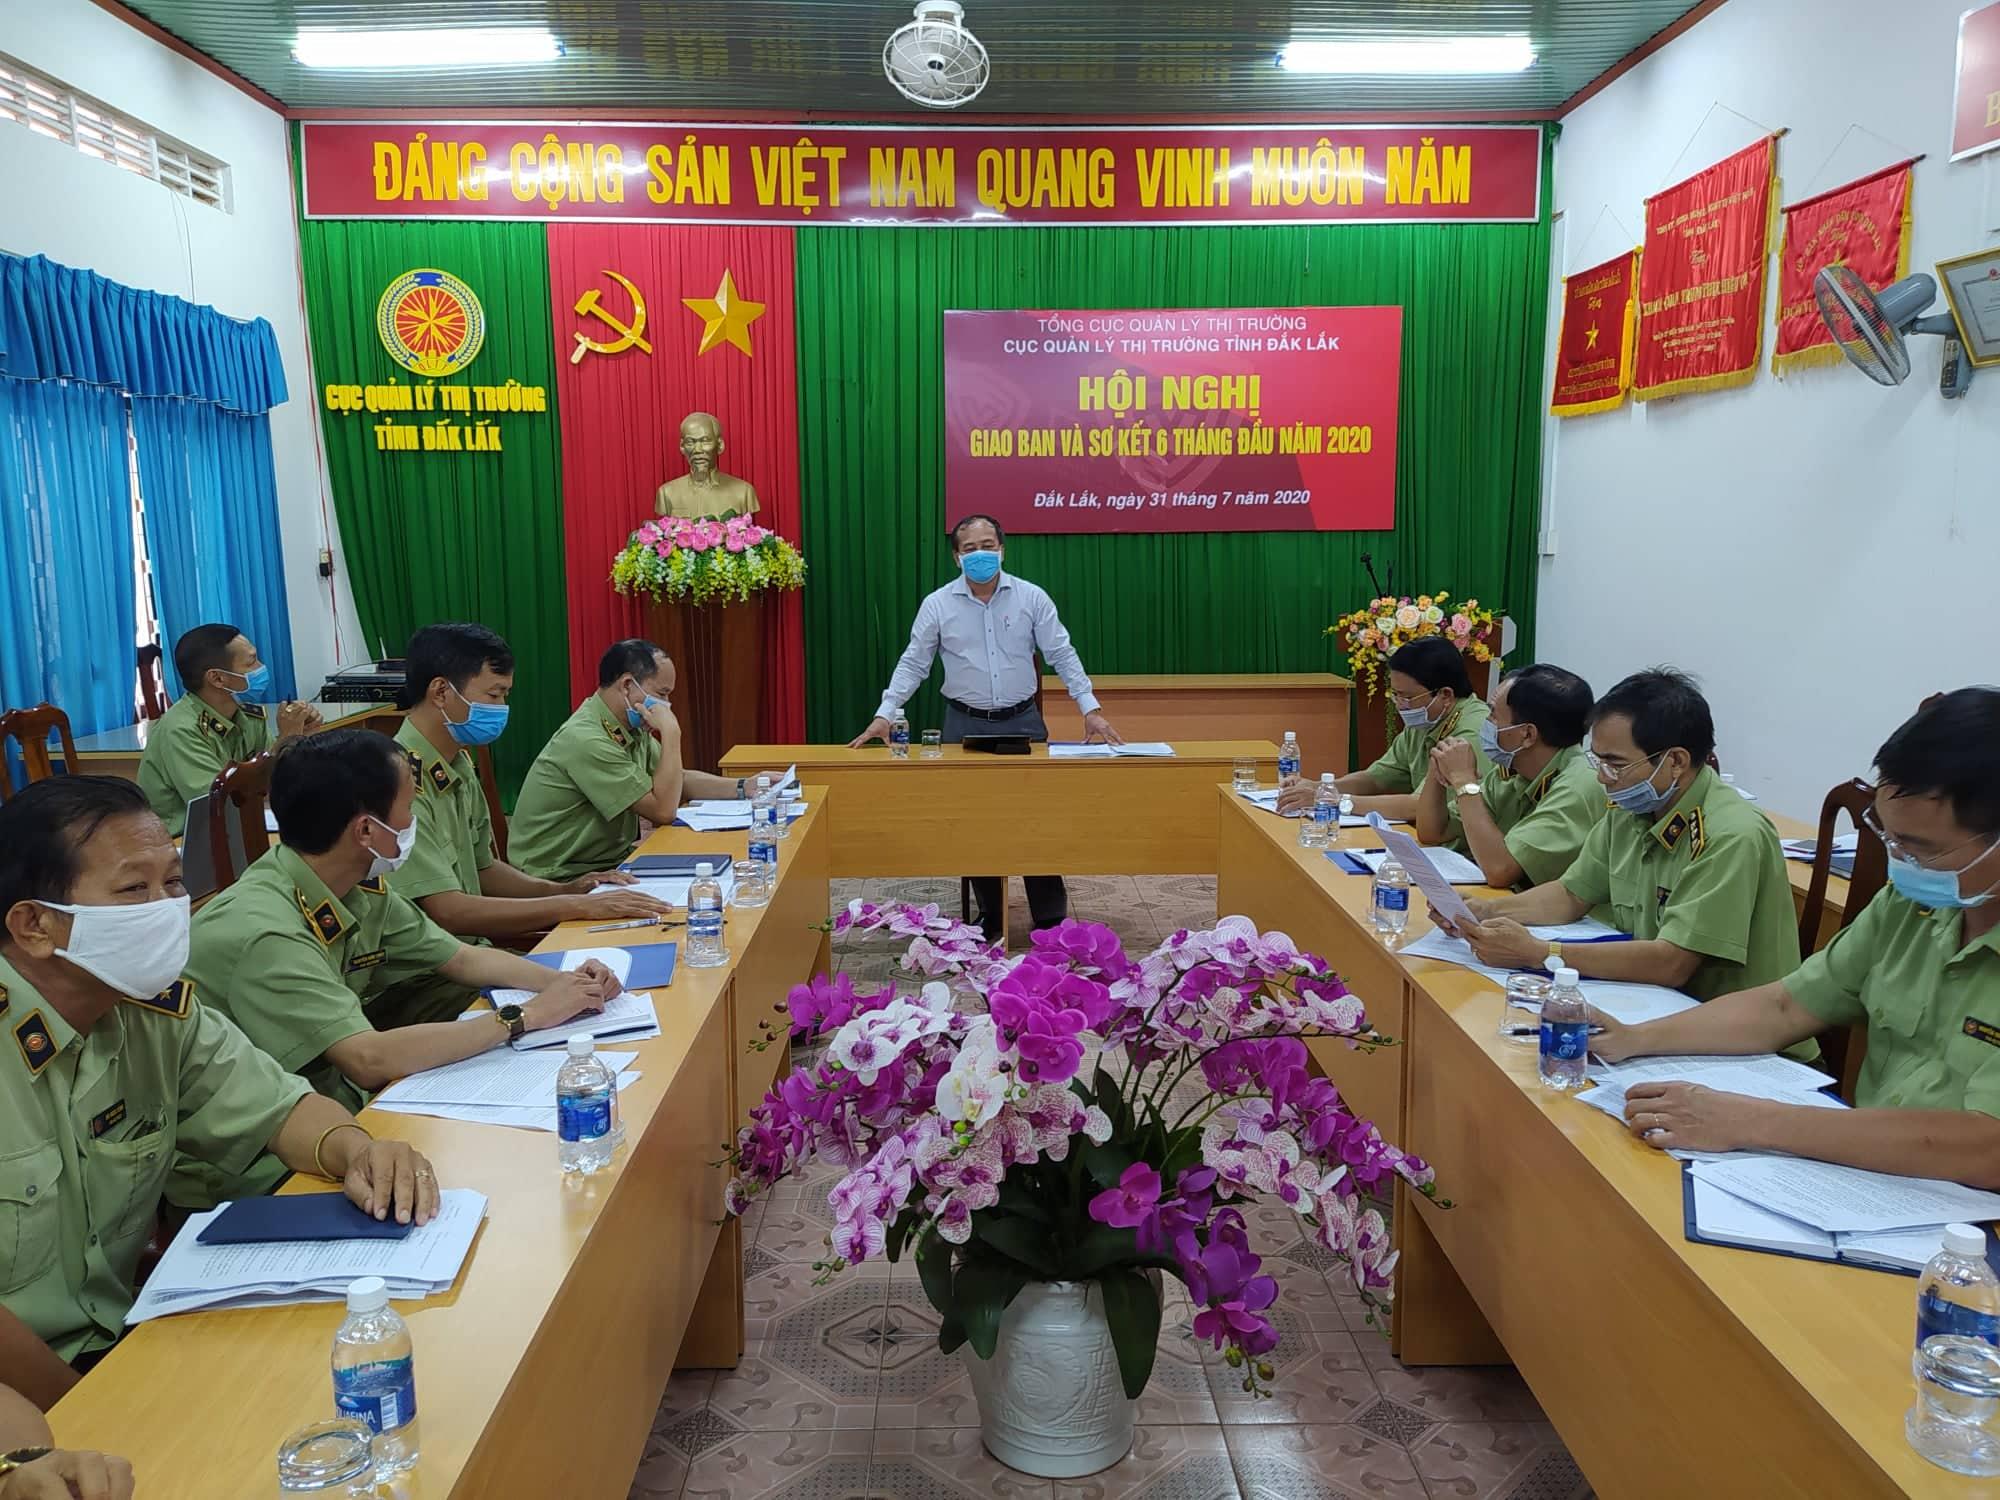 Cục quản lý thị trường tỉnh Đắk Lắk tổ chức Hội nghị sơ kết công tác Quản lý thị trường 07 tháng đầu năm 2020 và giao ban